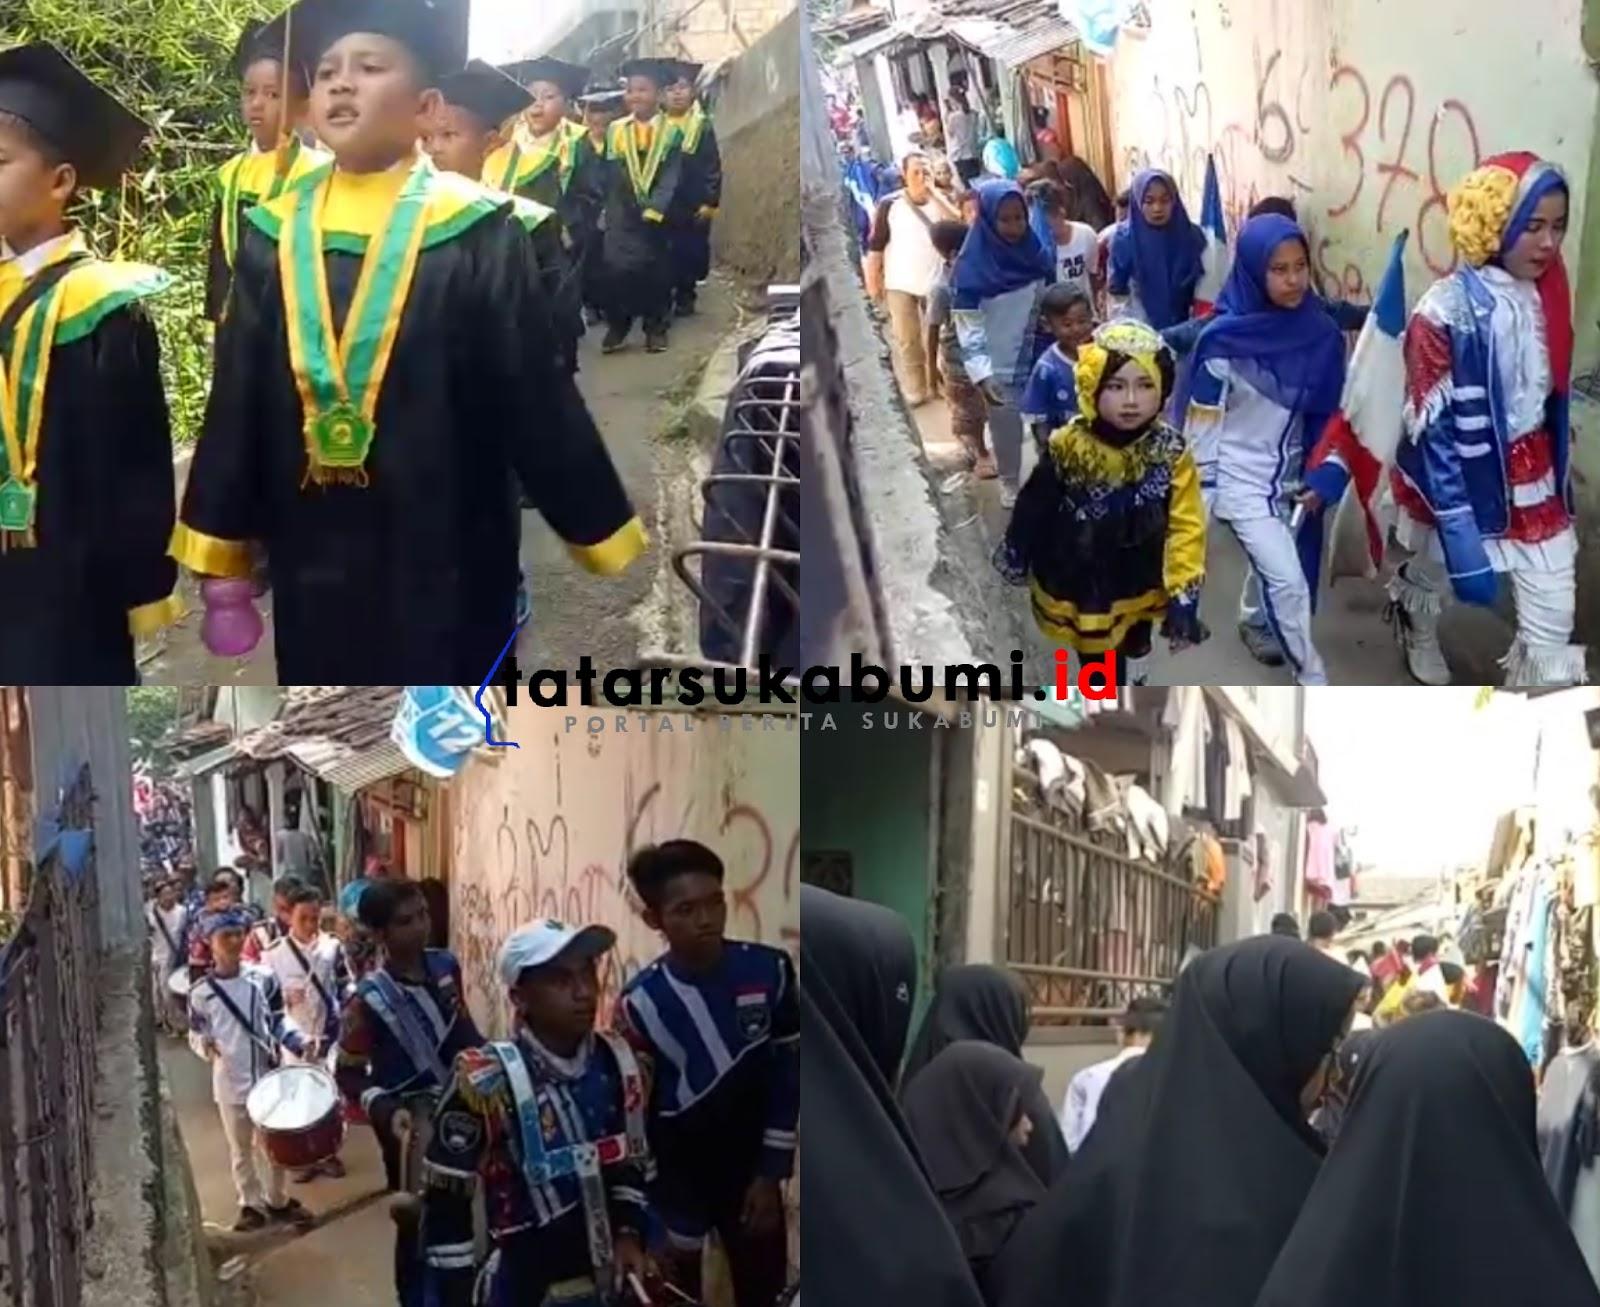 Tradisi Samenan Unik di Cibadak Sukabumi, Minimalisasi Hal Mudharat